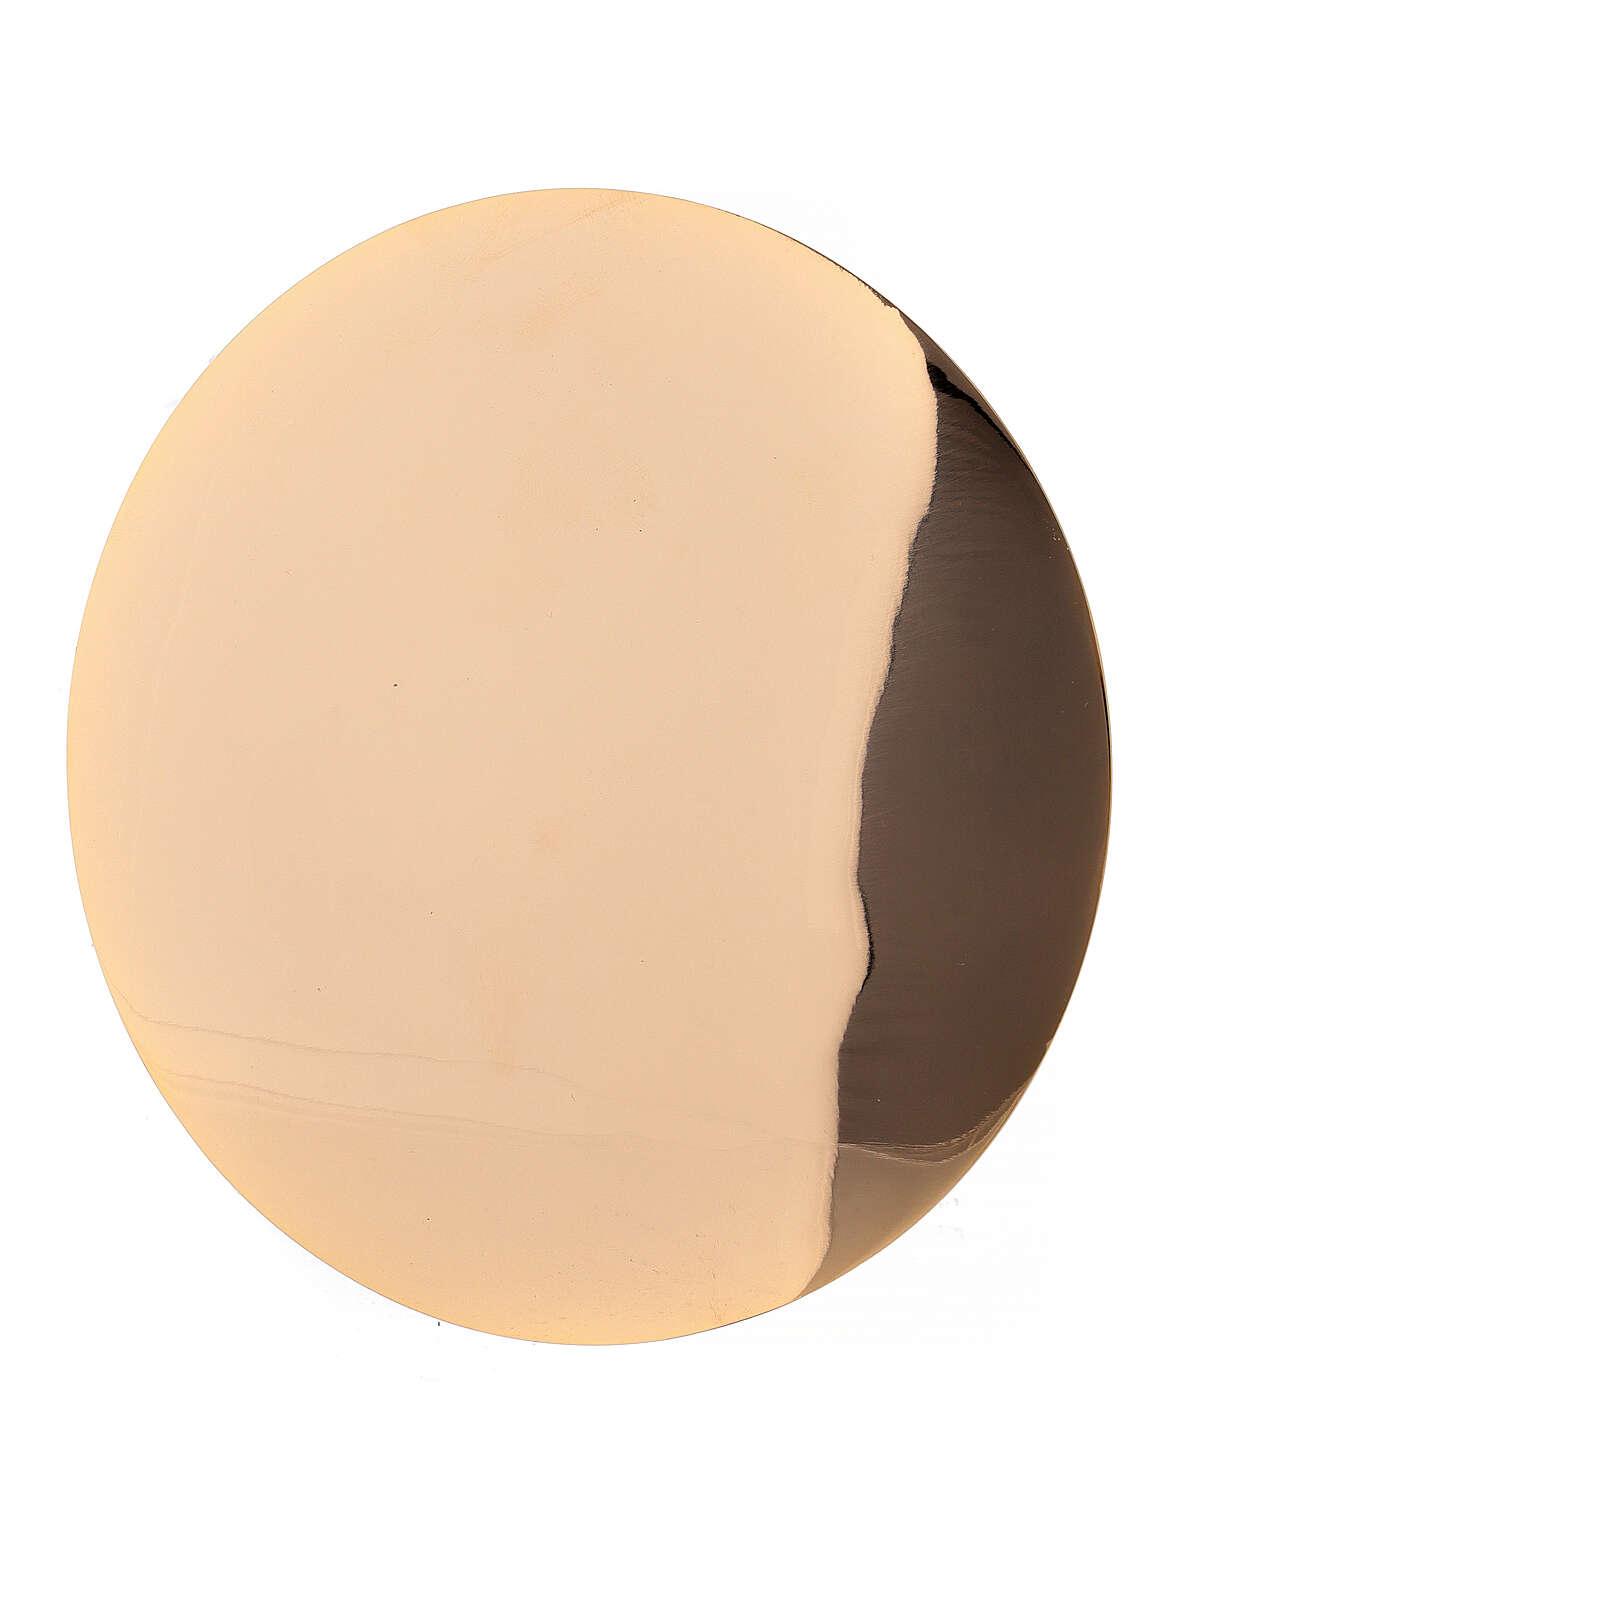 Patena latón dorado lisa diámetro 12,5 cm 4